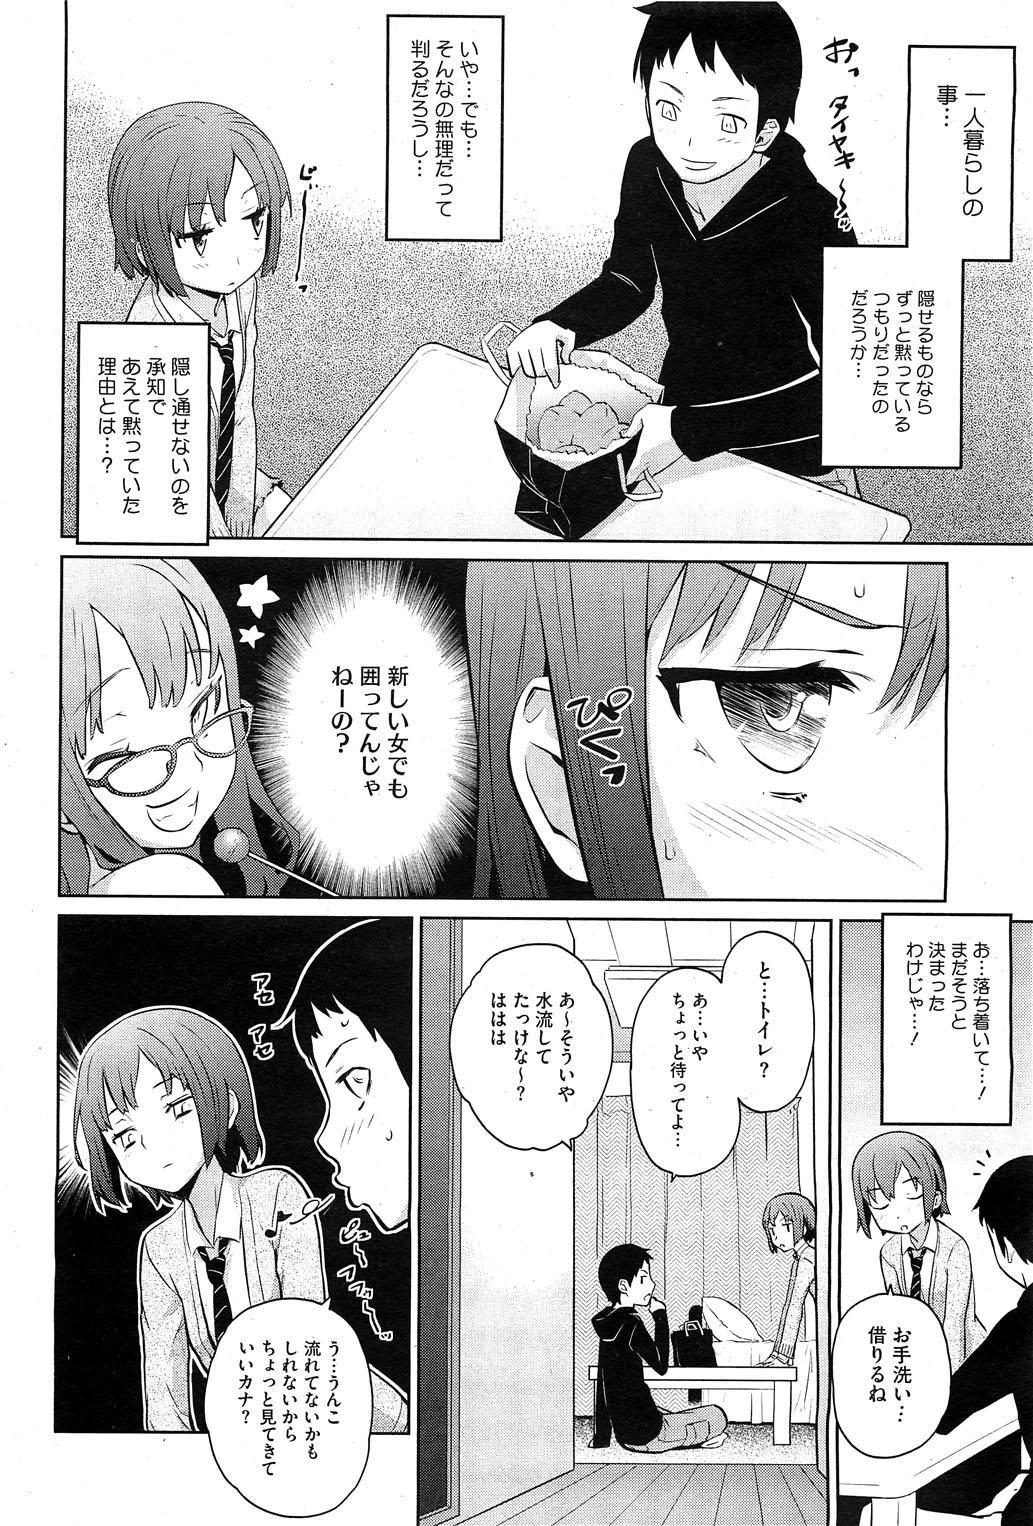 Yukinya #1-4 27